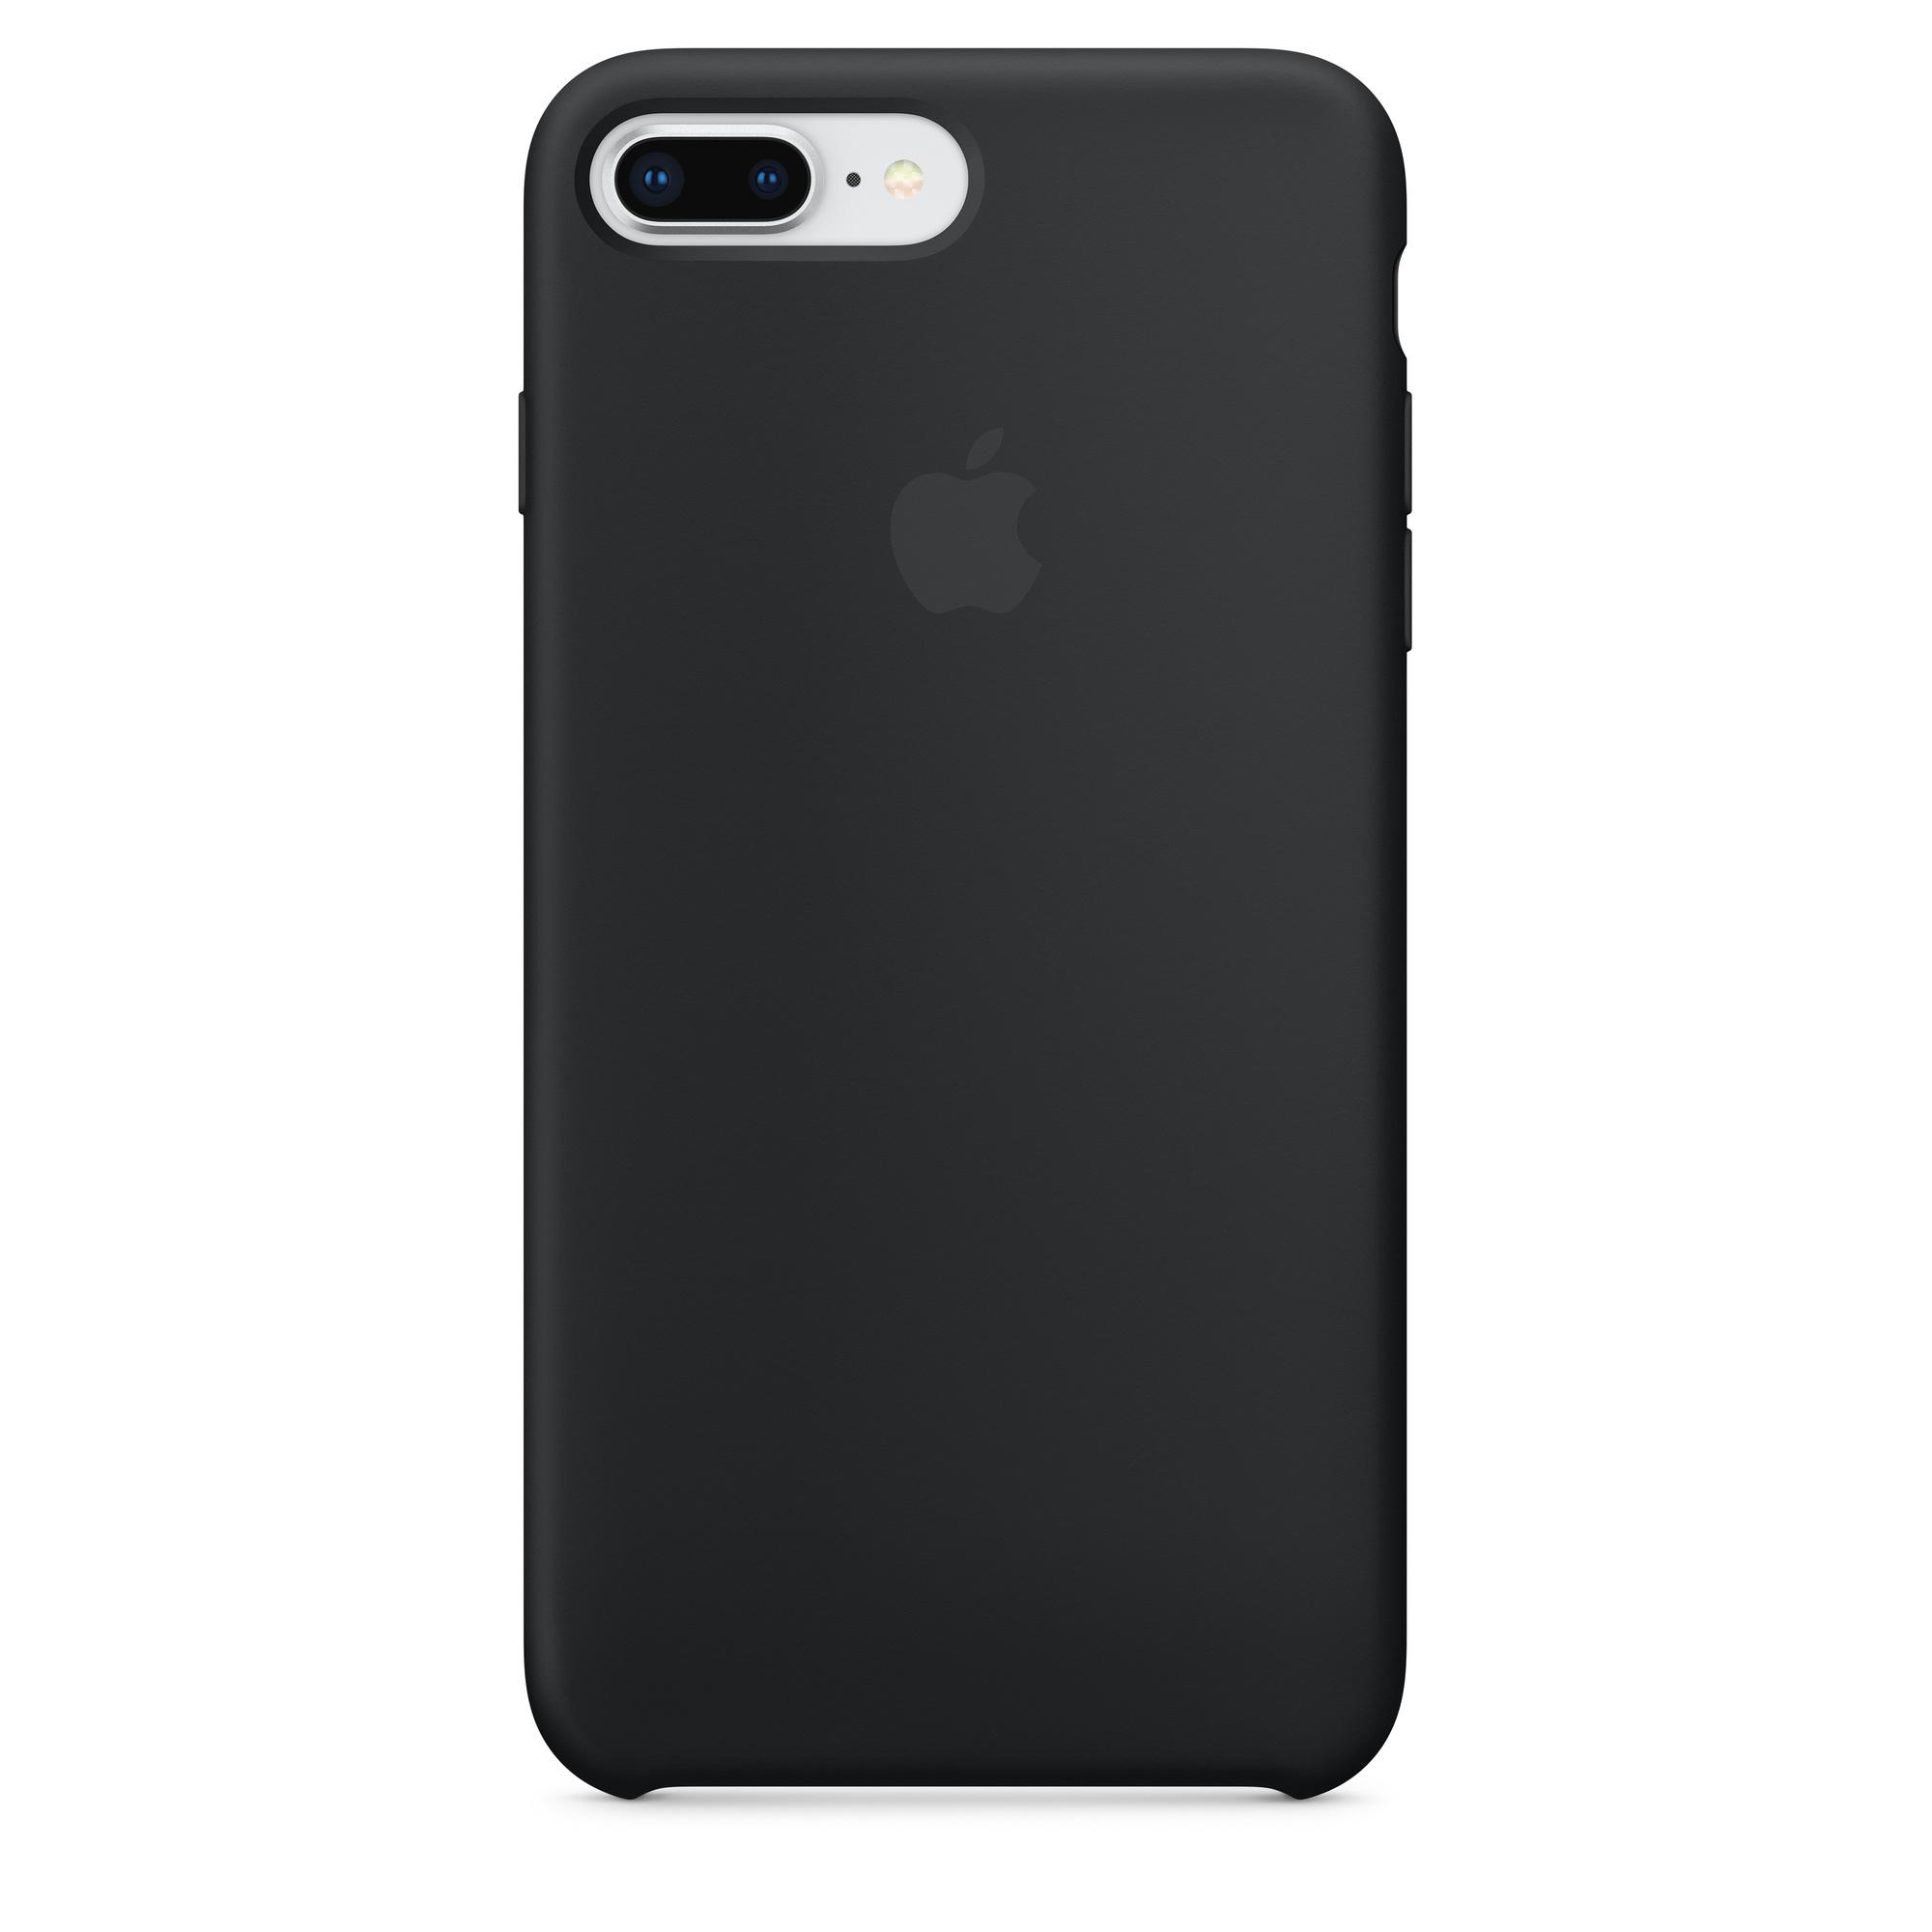 Custodia in silicone per iPhone 8 Plus / 7 Plus - Nero